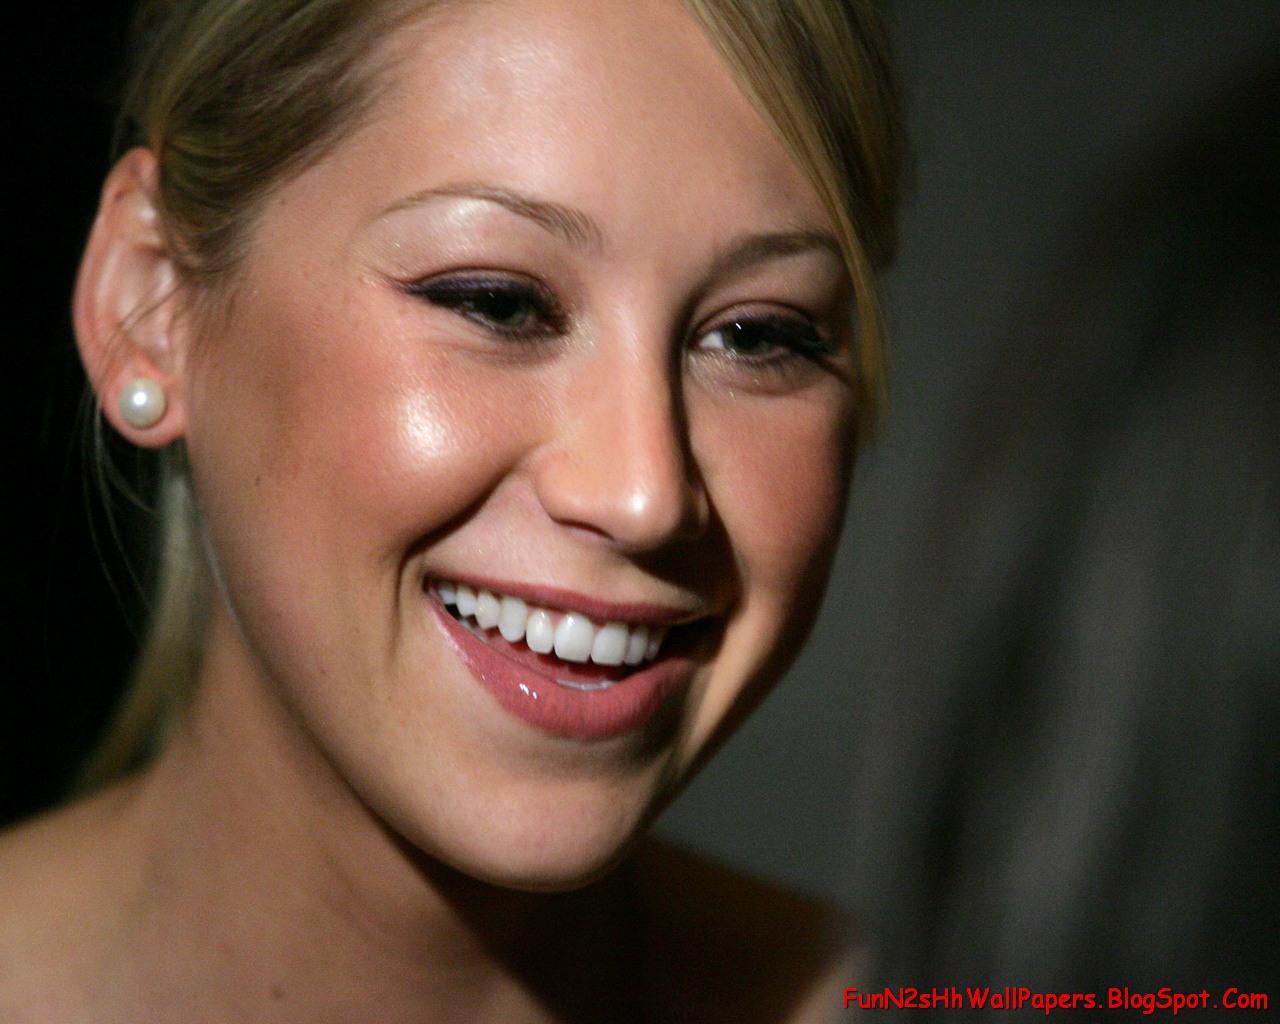 http://1.bp.blogspot.com/_sx0Gt1J0RnM/SaDpLuoUOJI/AAAAAAAACBM/_As3iyH0fwI/s1600/FunN2sHhWallPapers.Blogspot.com_Anna.Kournikova_54.jpg